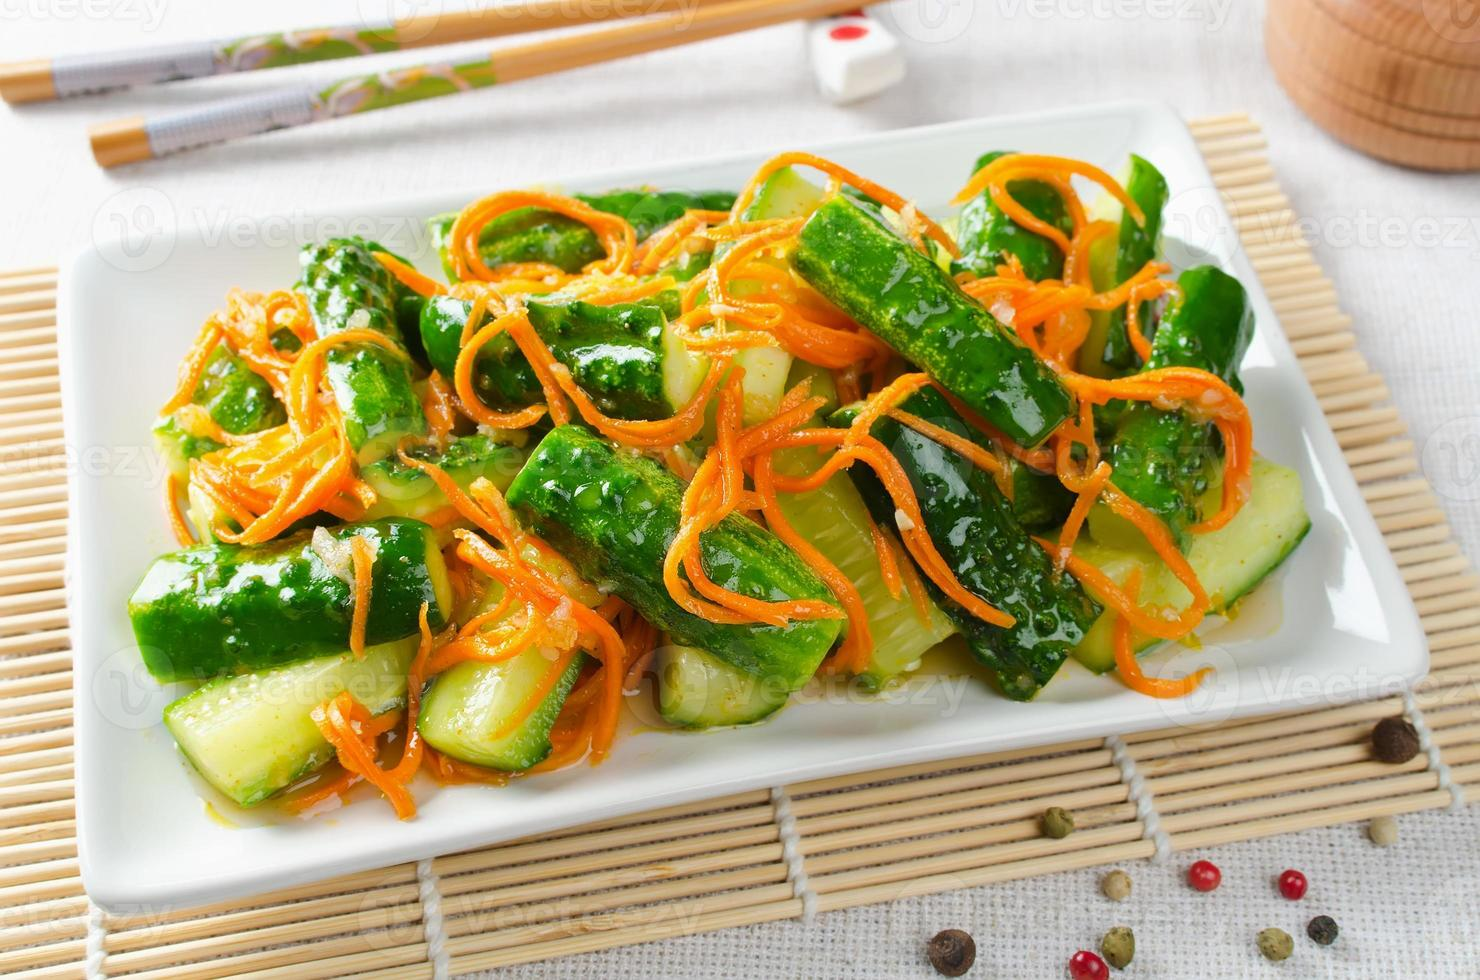 gurksallad med morötter foto